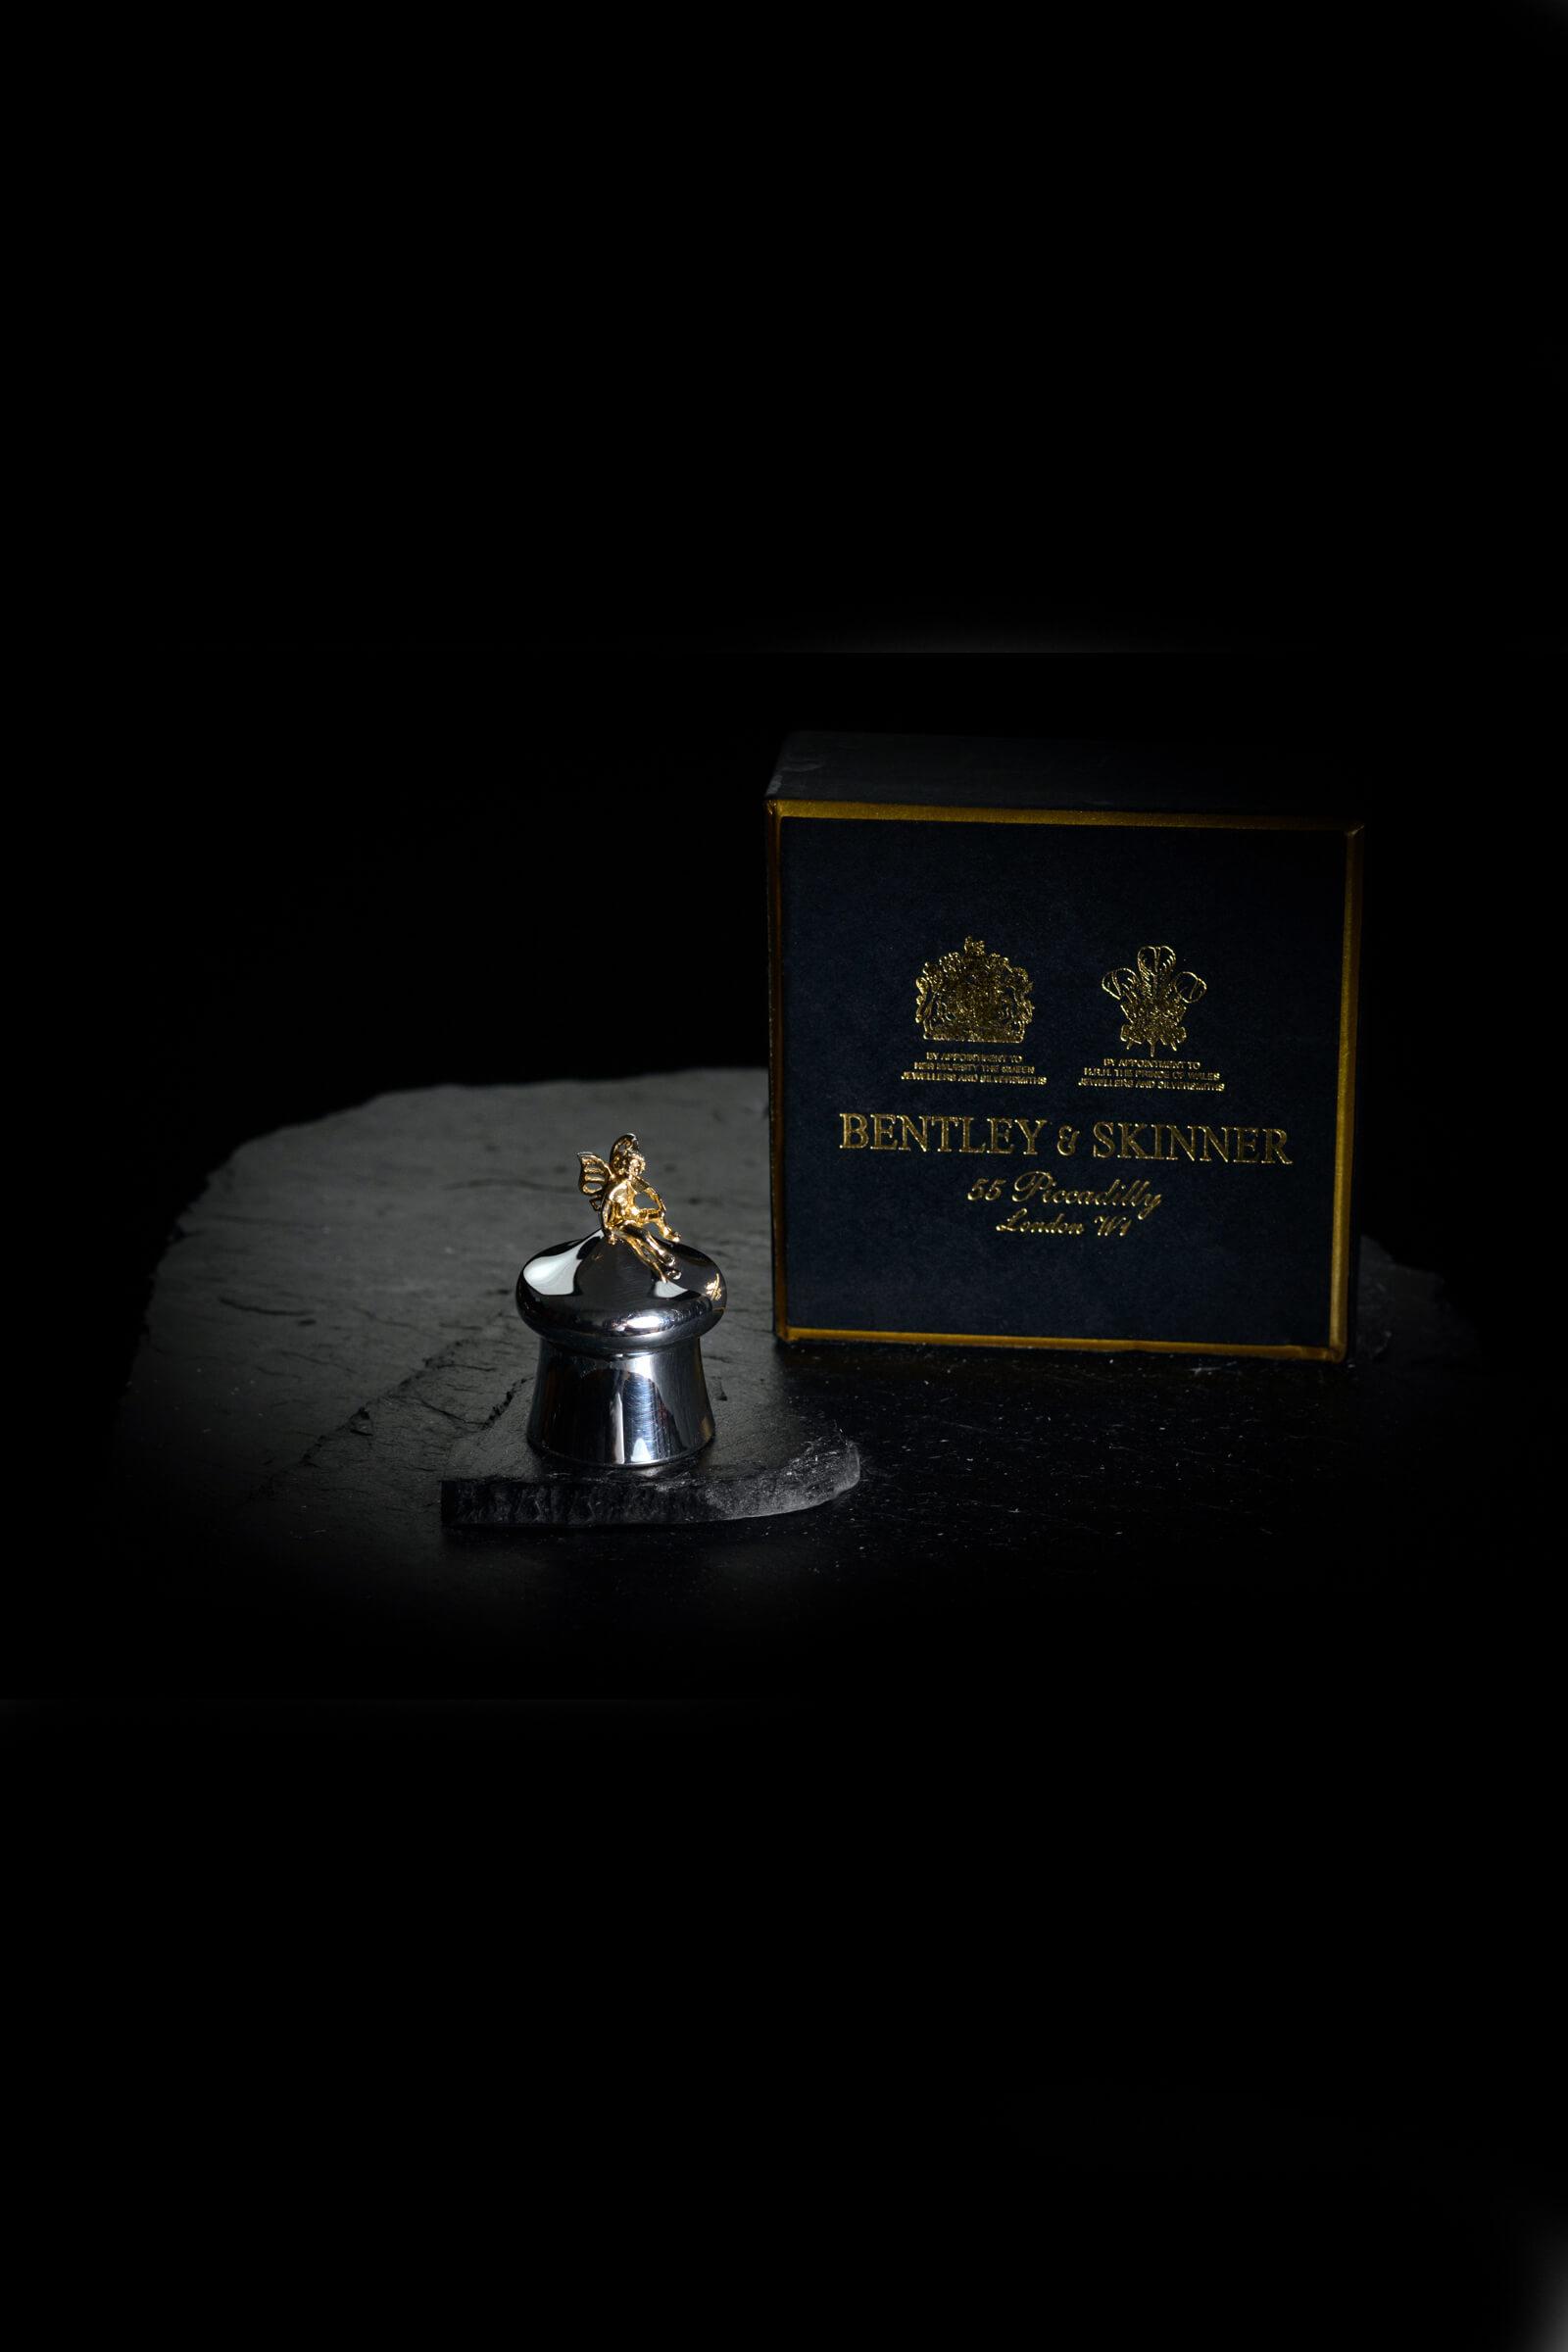 Geburts und taufgeschenk berliner goldengel sven for Bentley and skinner jewelry